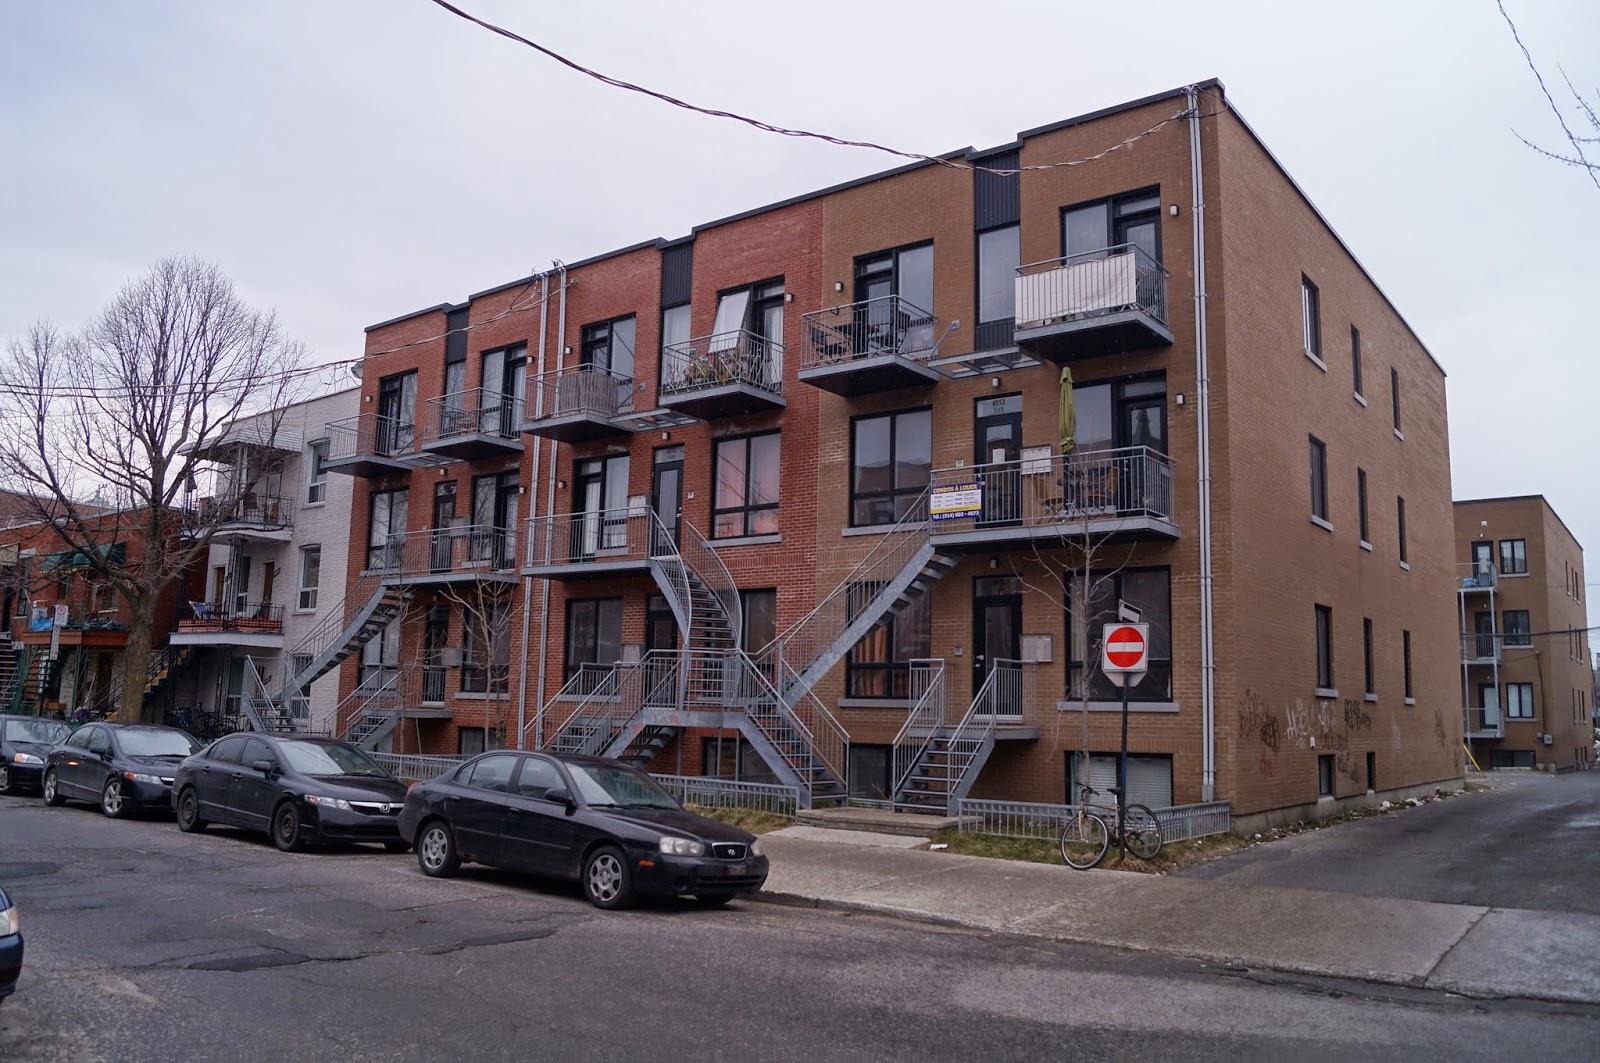 Urban Kchoze Les Escaliers De Montral Vs Towers Of Toronto Math Wallpaper Golden Find Free HD for Desktop [pastnedes.tk]